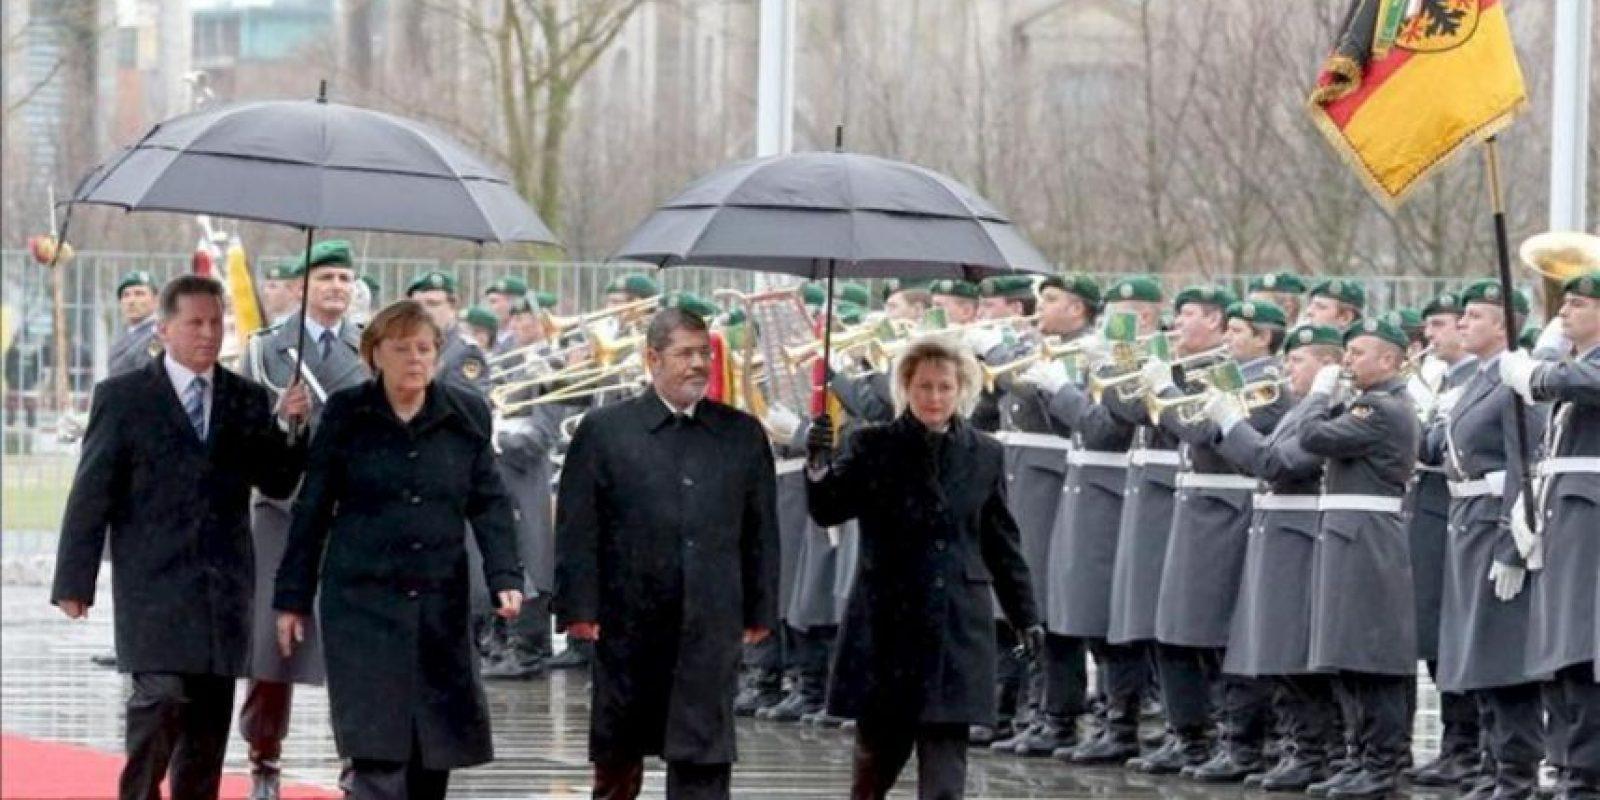 La canciller alemana Angela Merkel y el presidente Egipto Mohamed Mursi durante la ceremonia de bienvenida hoy, 30 de enero de 2013, en Berlín, Alemania. EFE